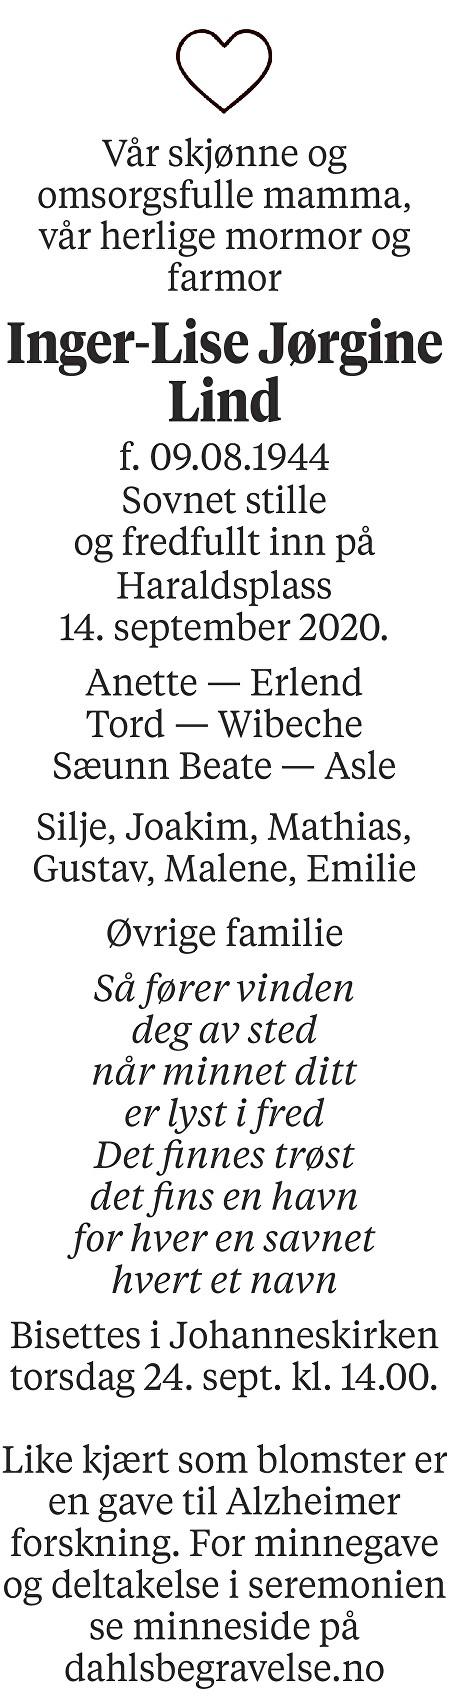 Inger-Lise Jørgine Lind Dødsannonse